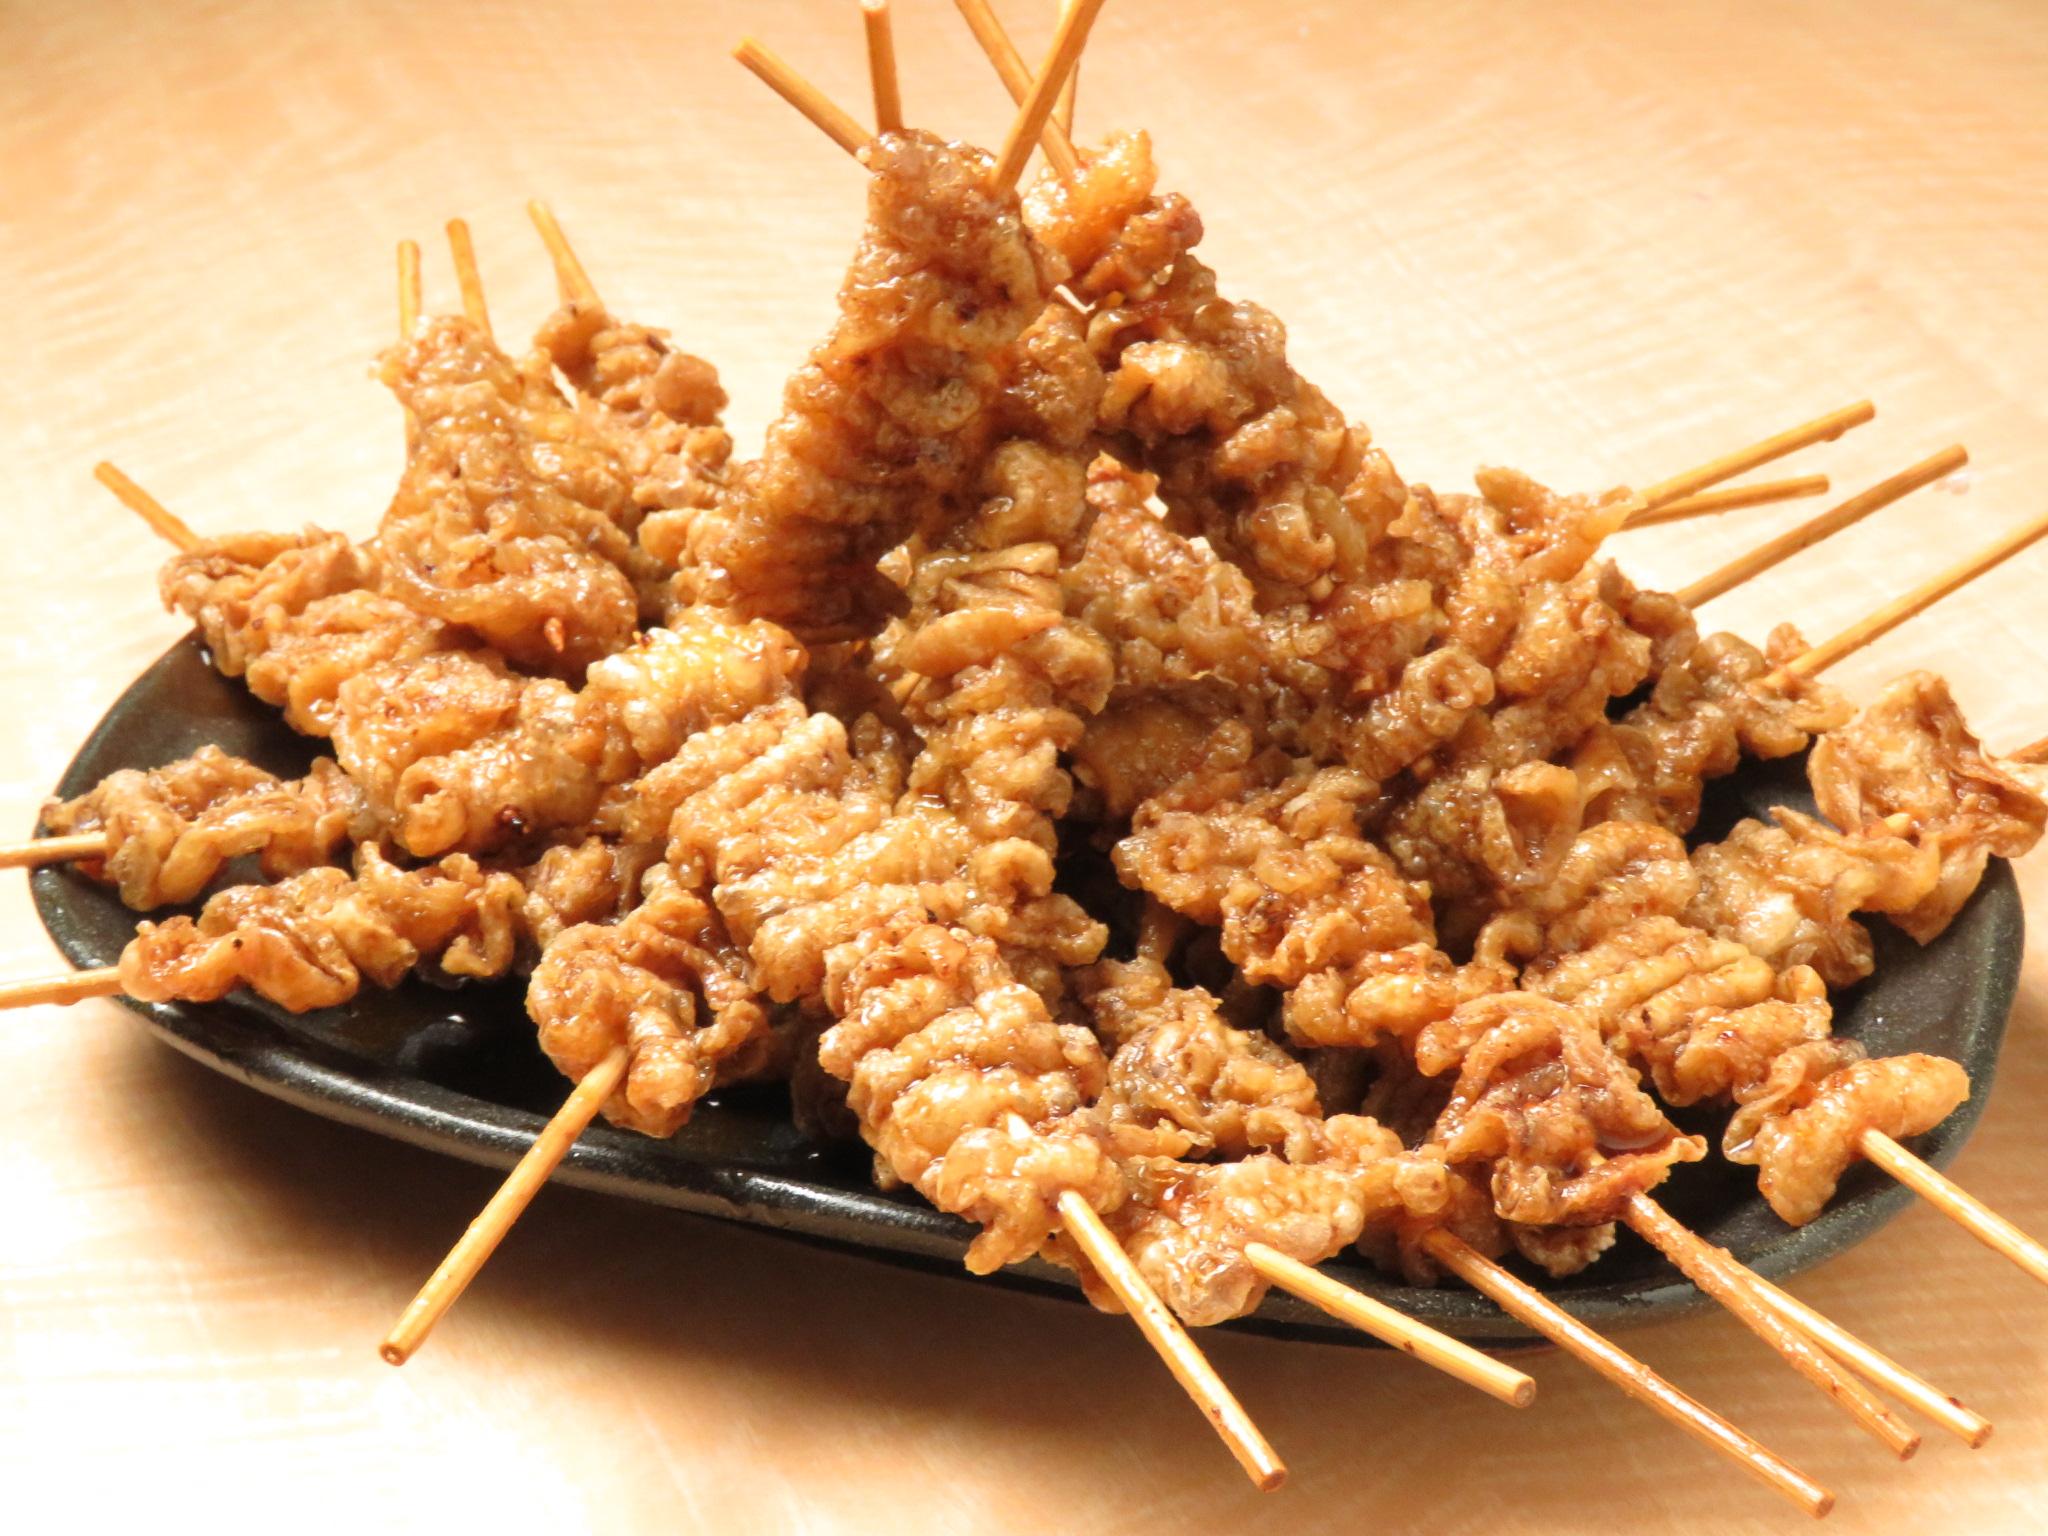 【とりいちず 志木南口店】の病みつき鶏料理